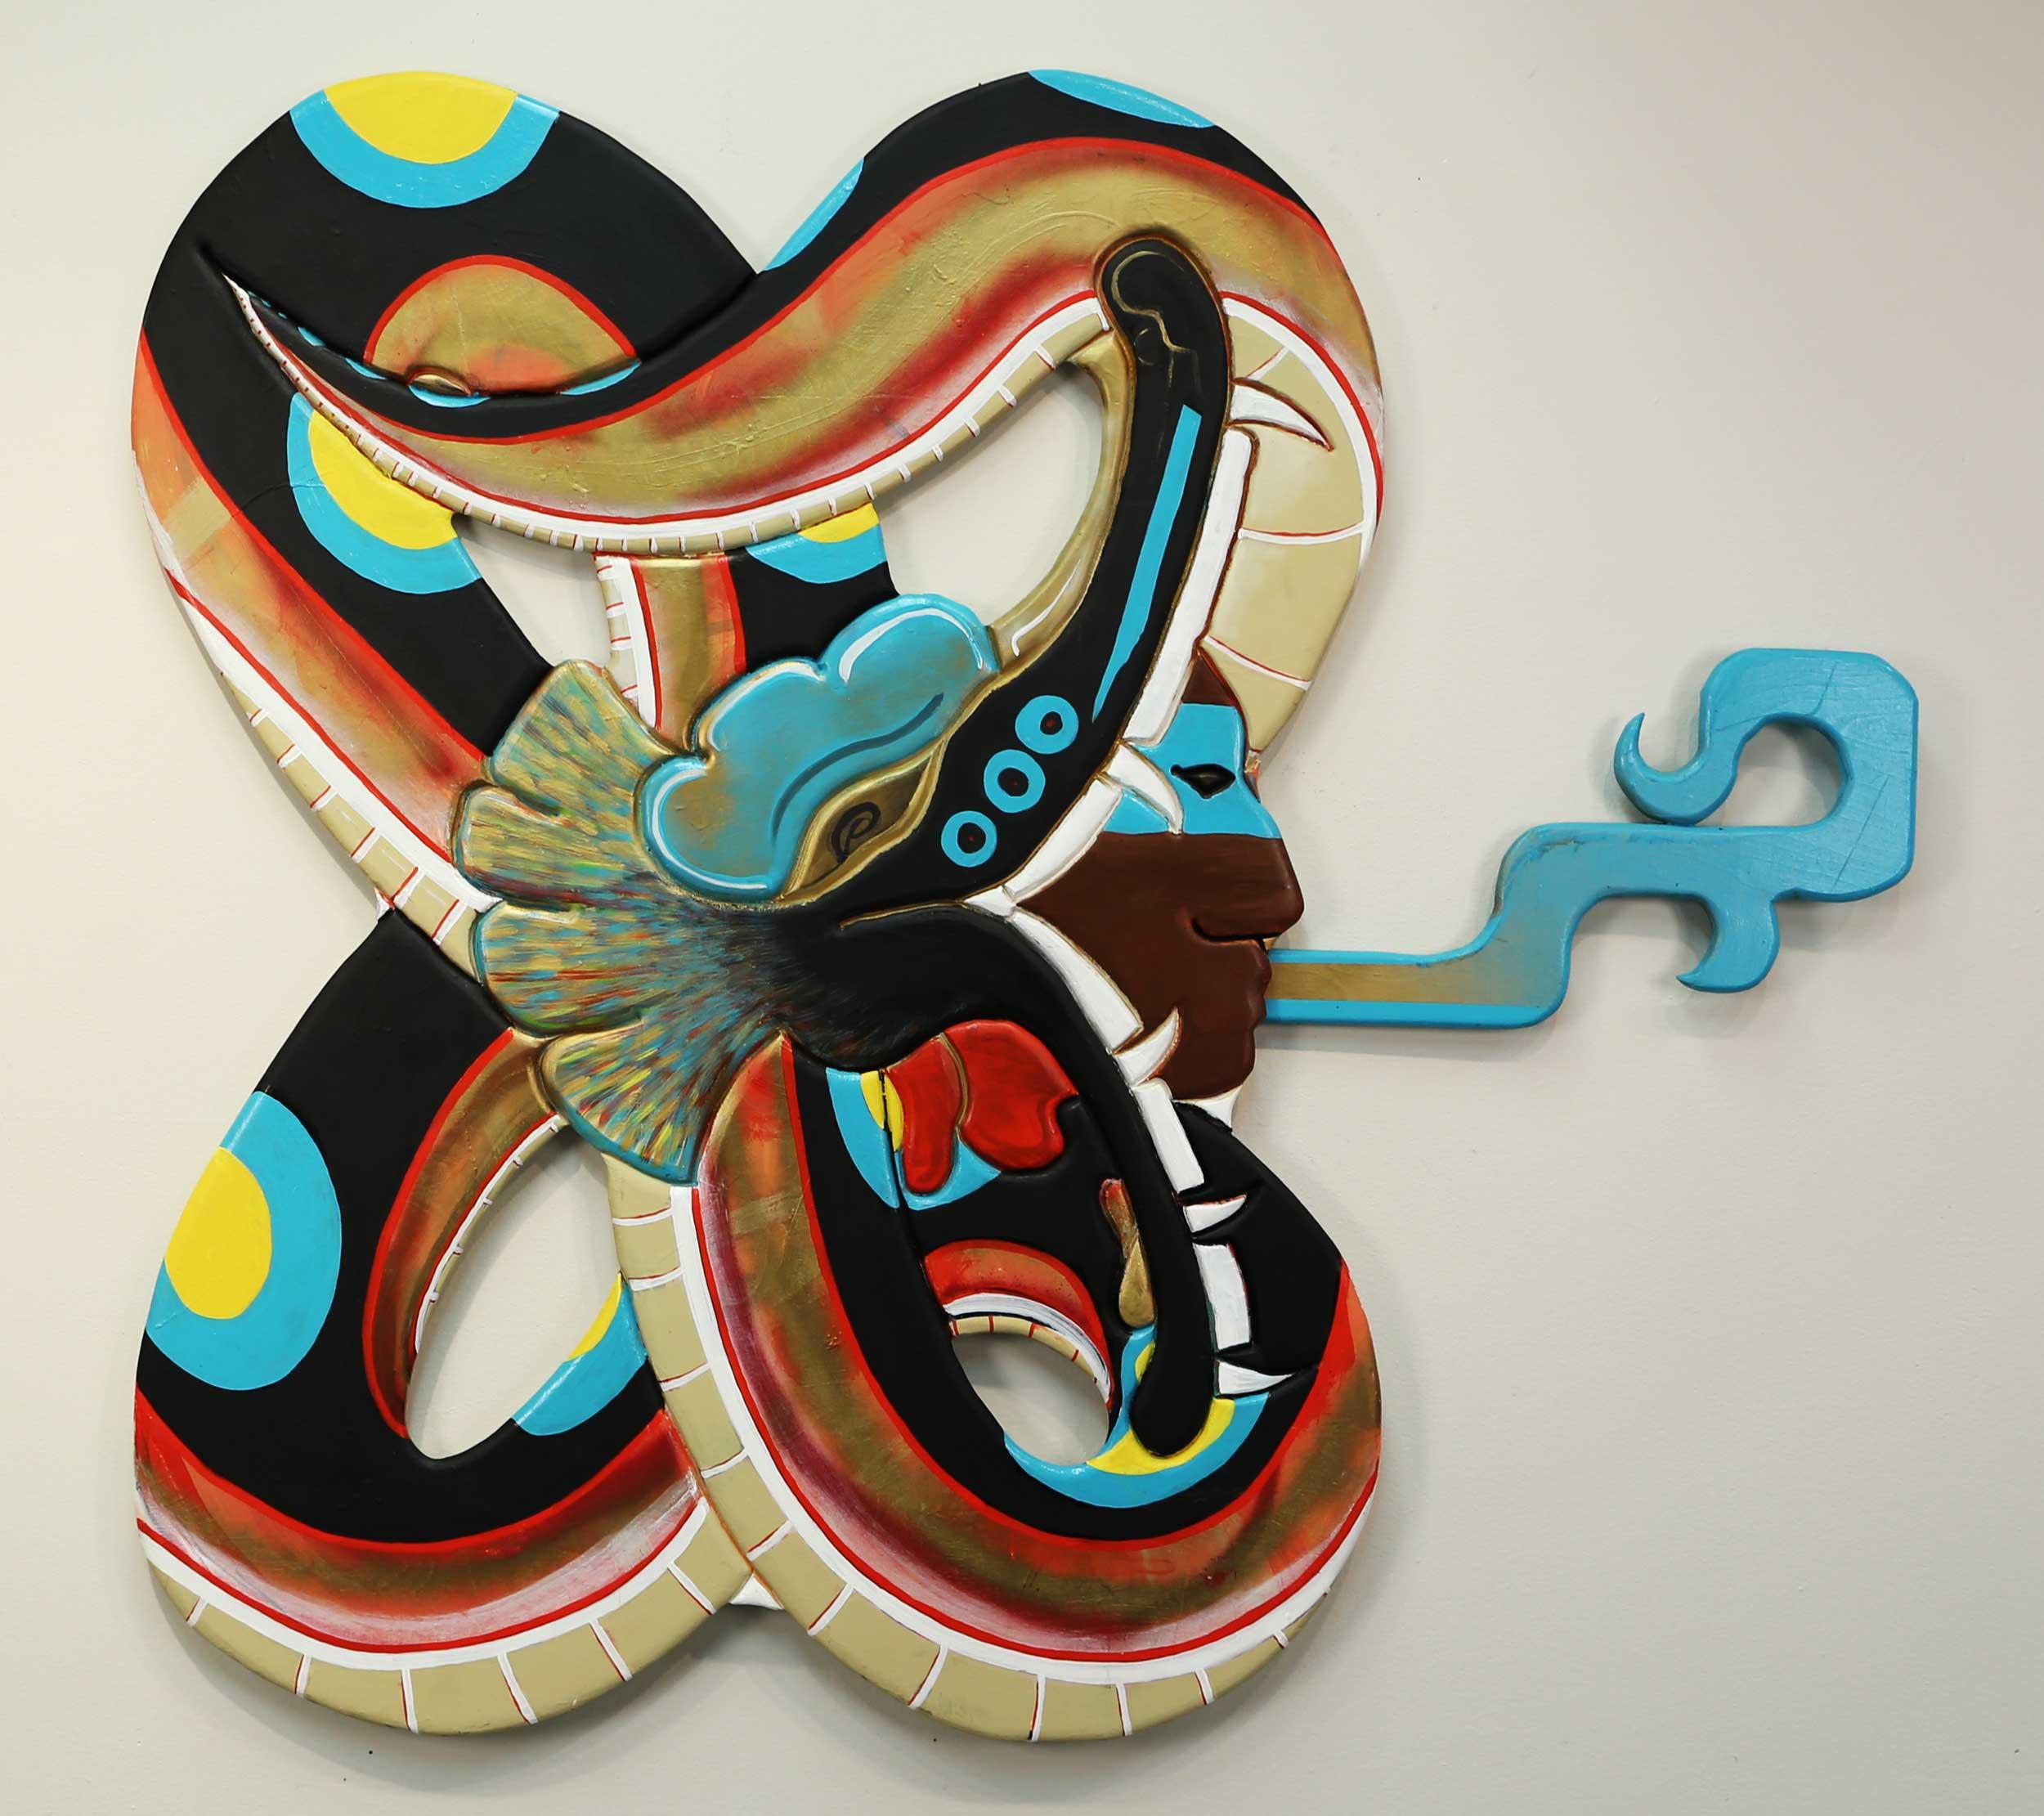 Emergence-3-web-wood-cut-art-sculpture-julio-gonzalez.jpg